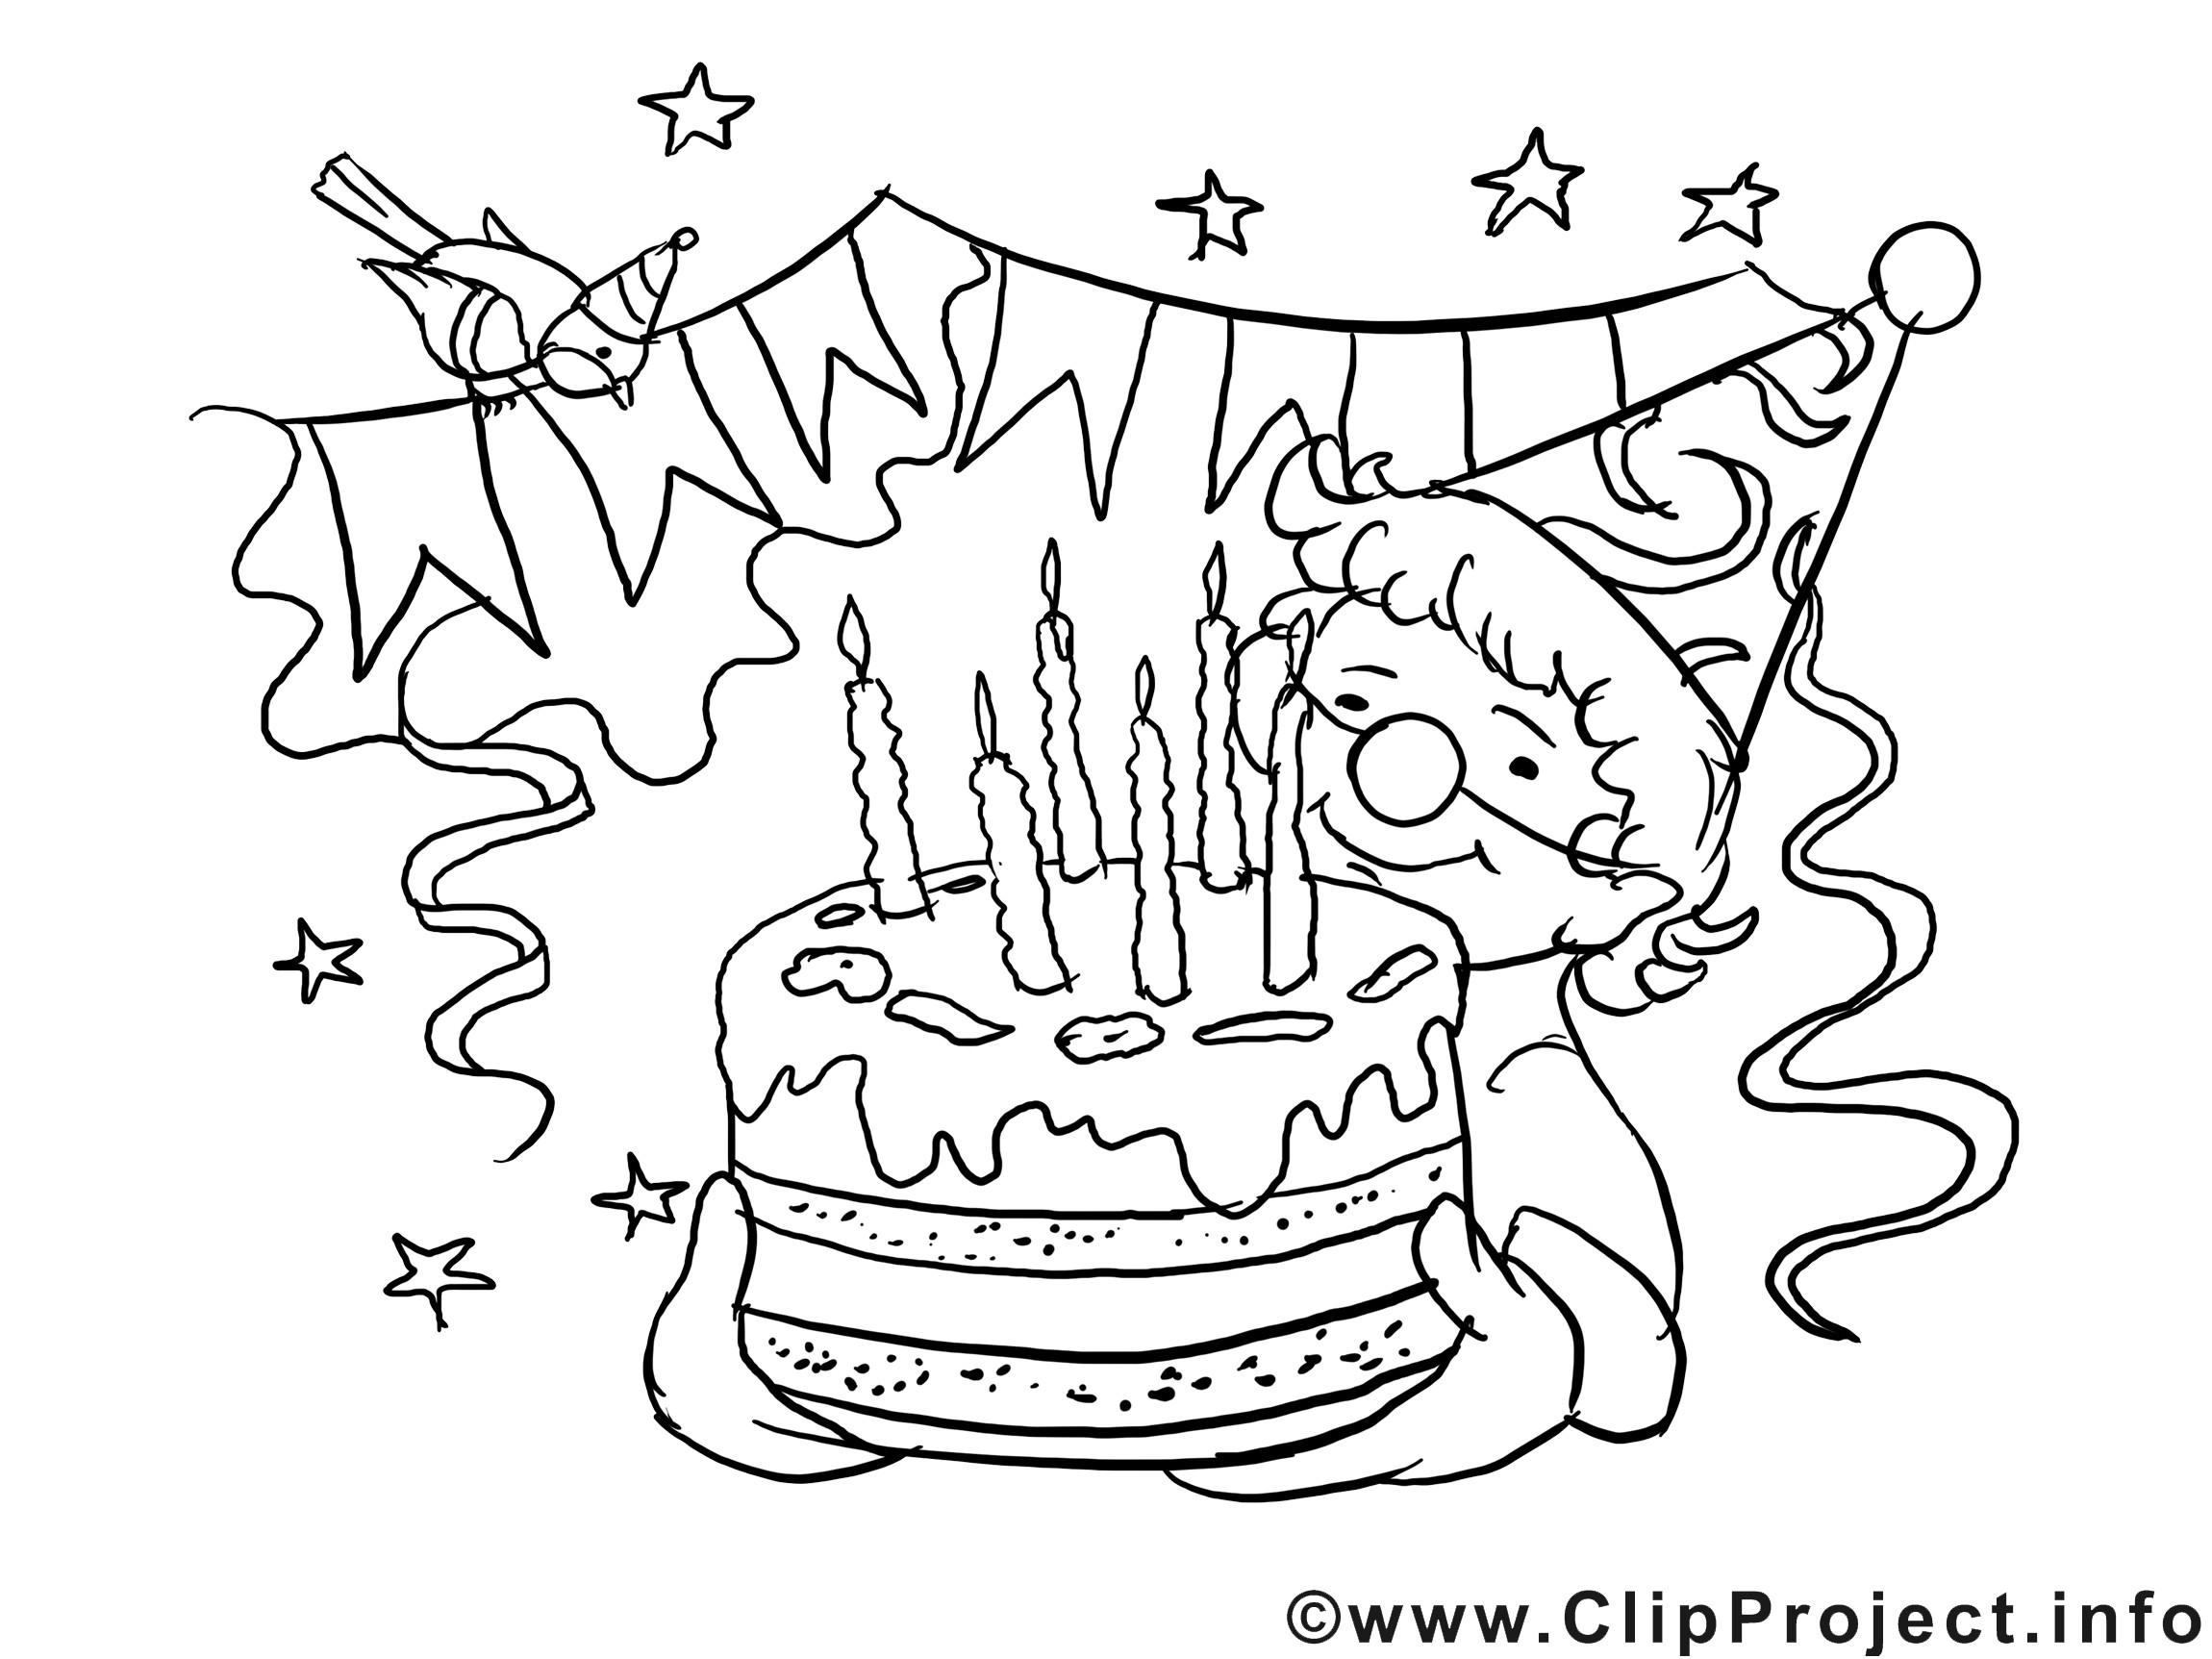 Geburtstagsbilder Zum Ausmalen  Zum Geburtstag viel Glück Bild zum Ausmalen